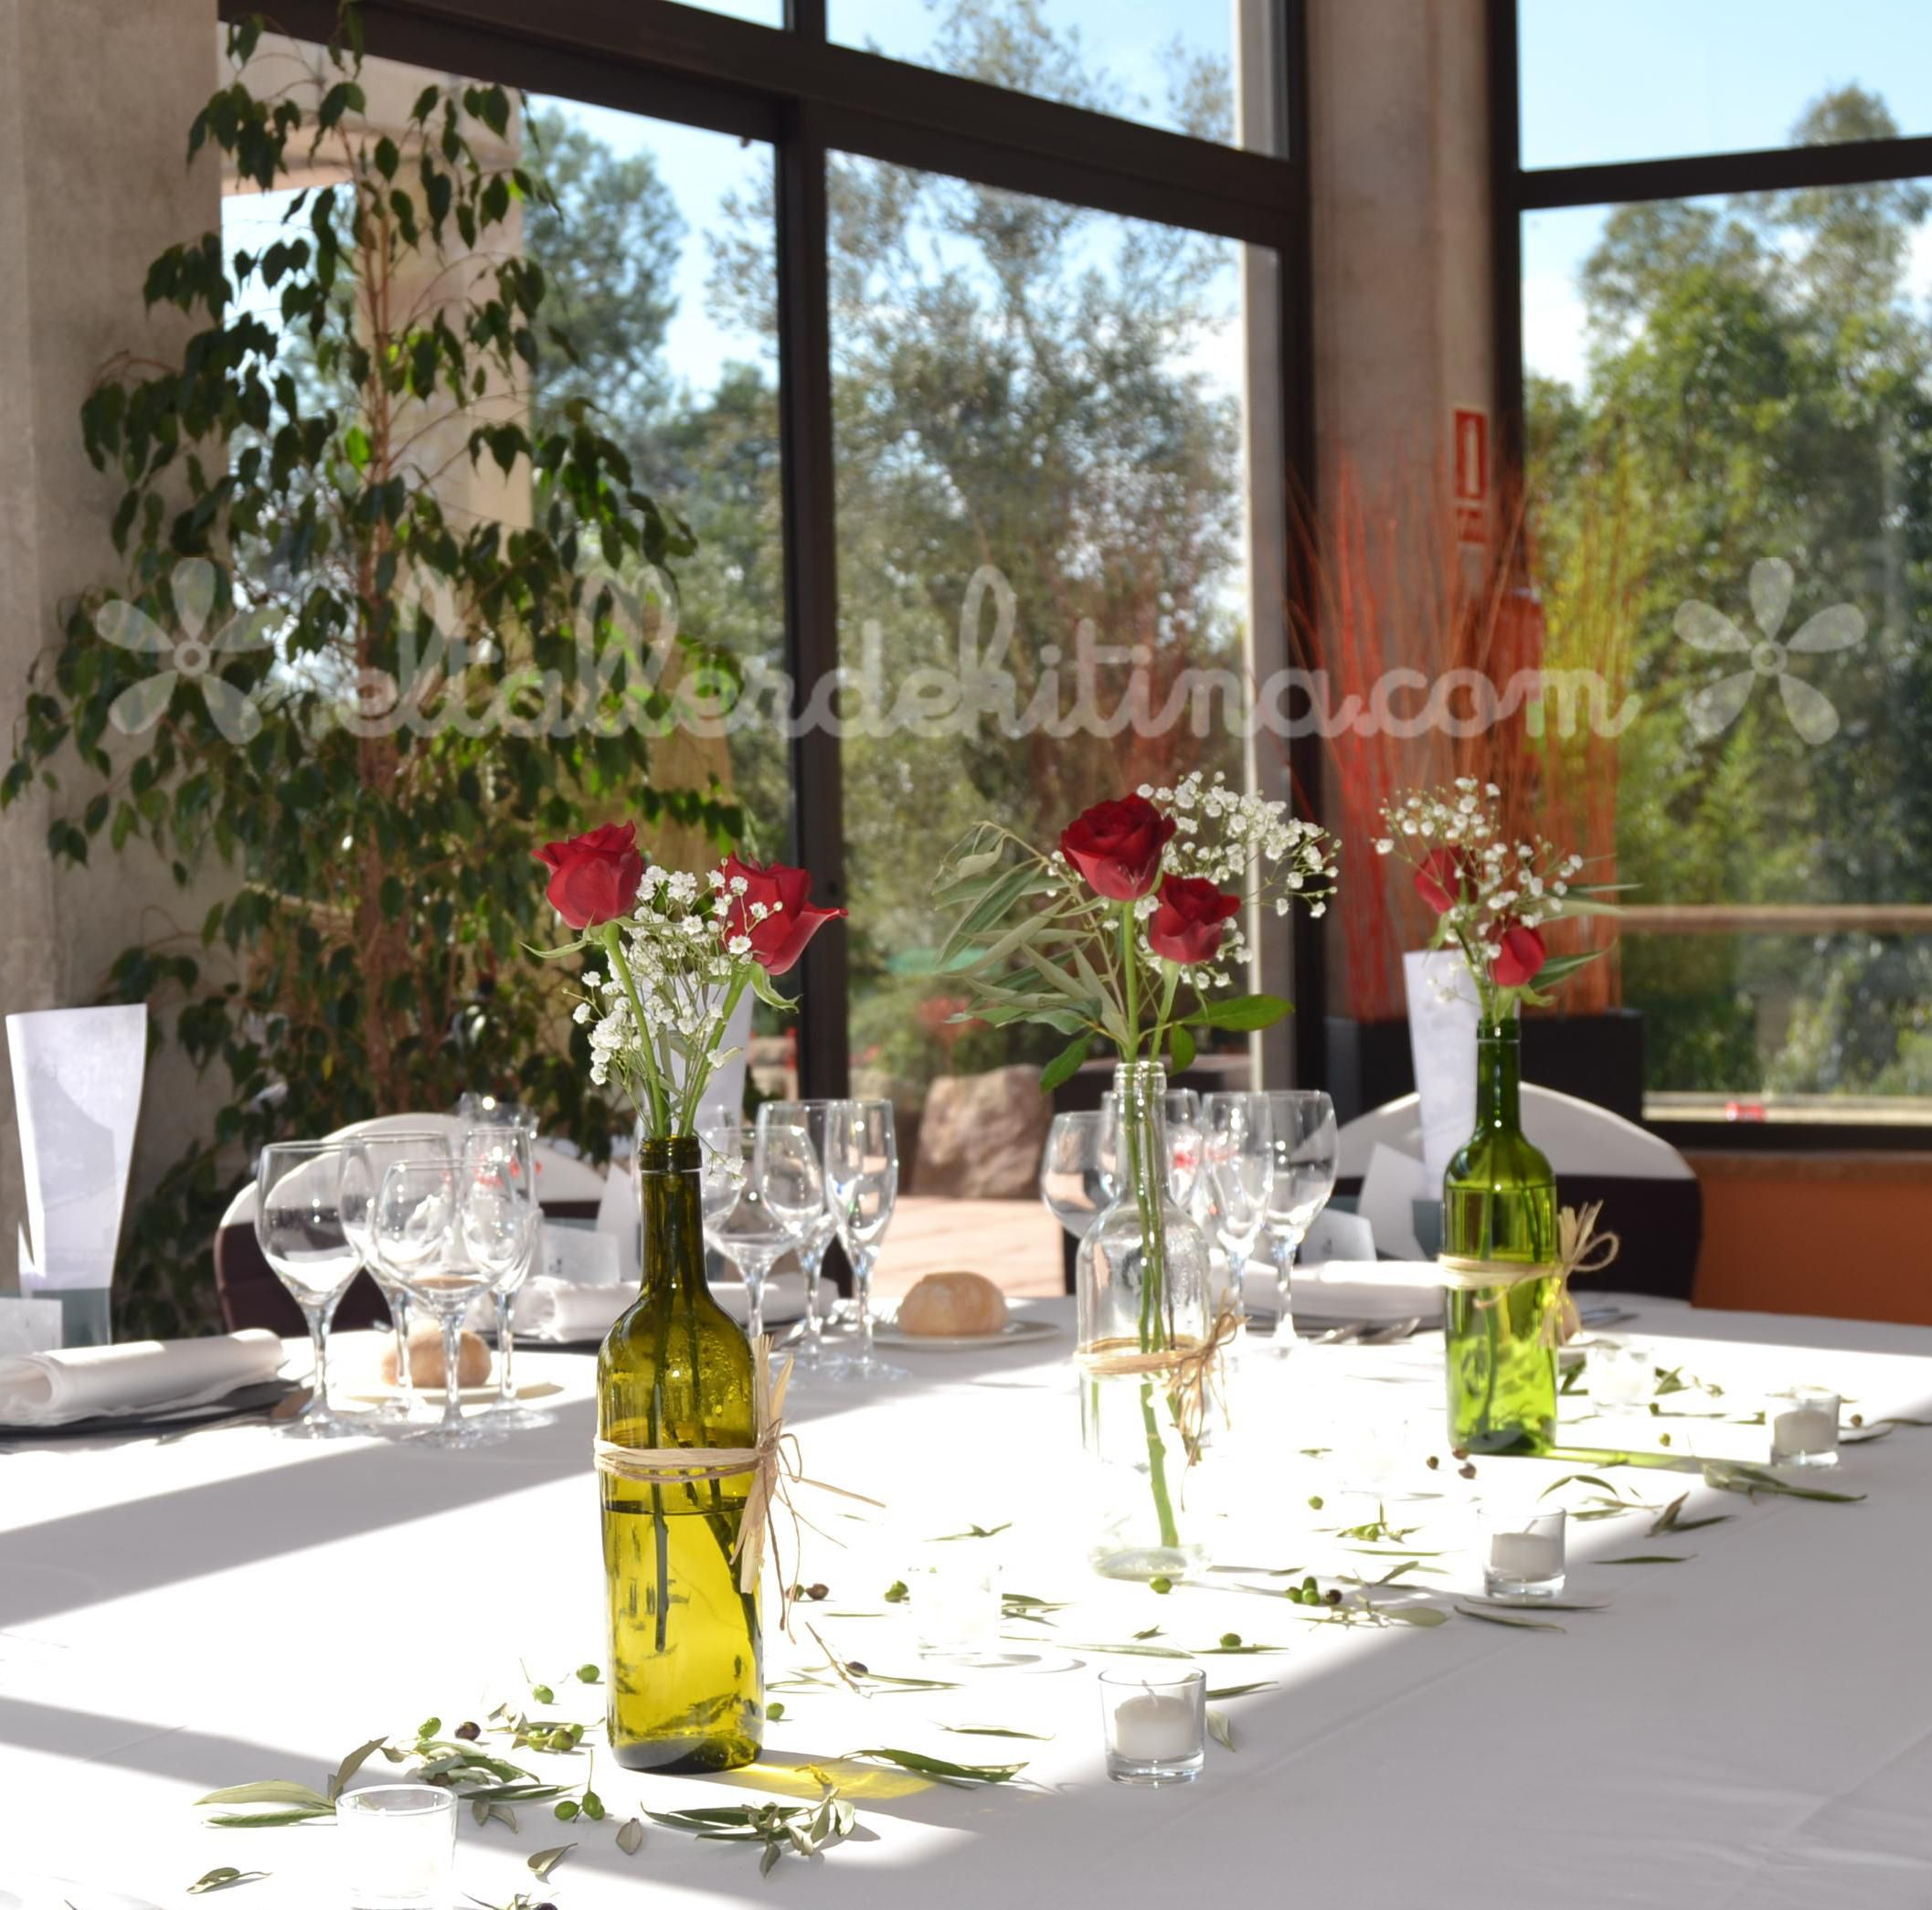 Botellas de vino con rosas un estilo vintage muy chic - Centros de mesa con botellas ...